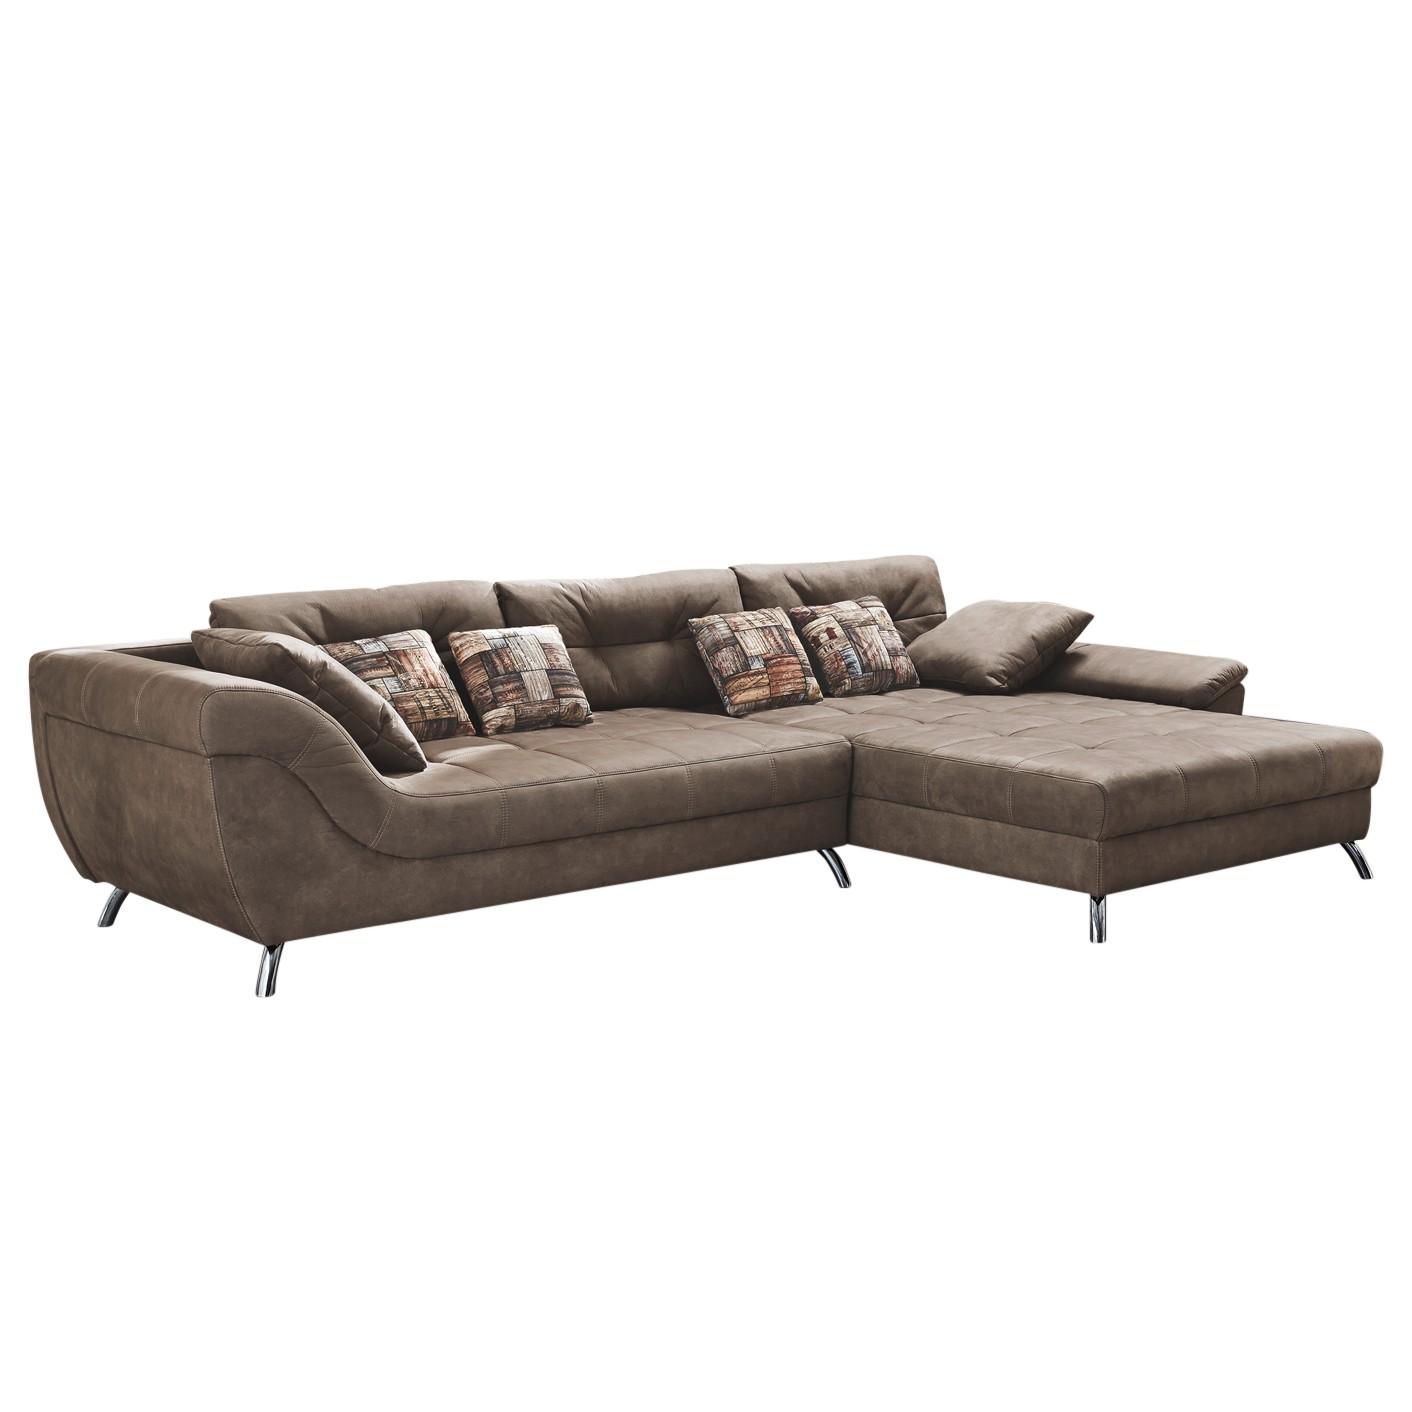 Canapé d'angle Merizo - Microfibre Marron Méridienne longue montable à gauche ou droite, Home Design